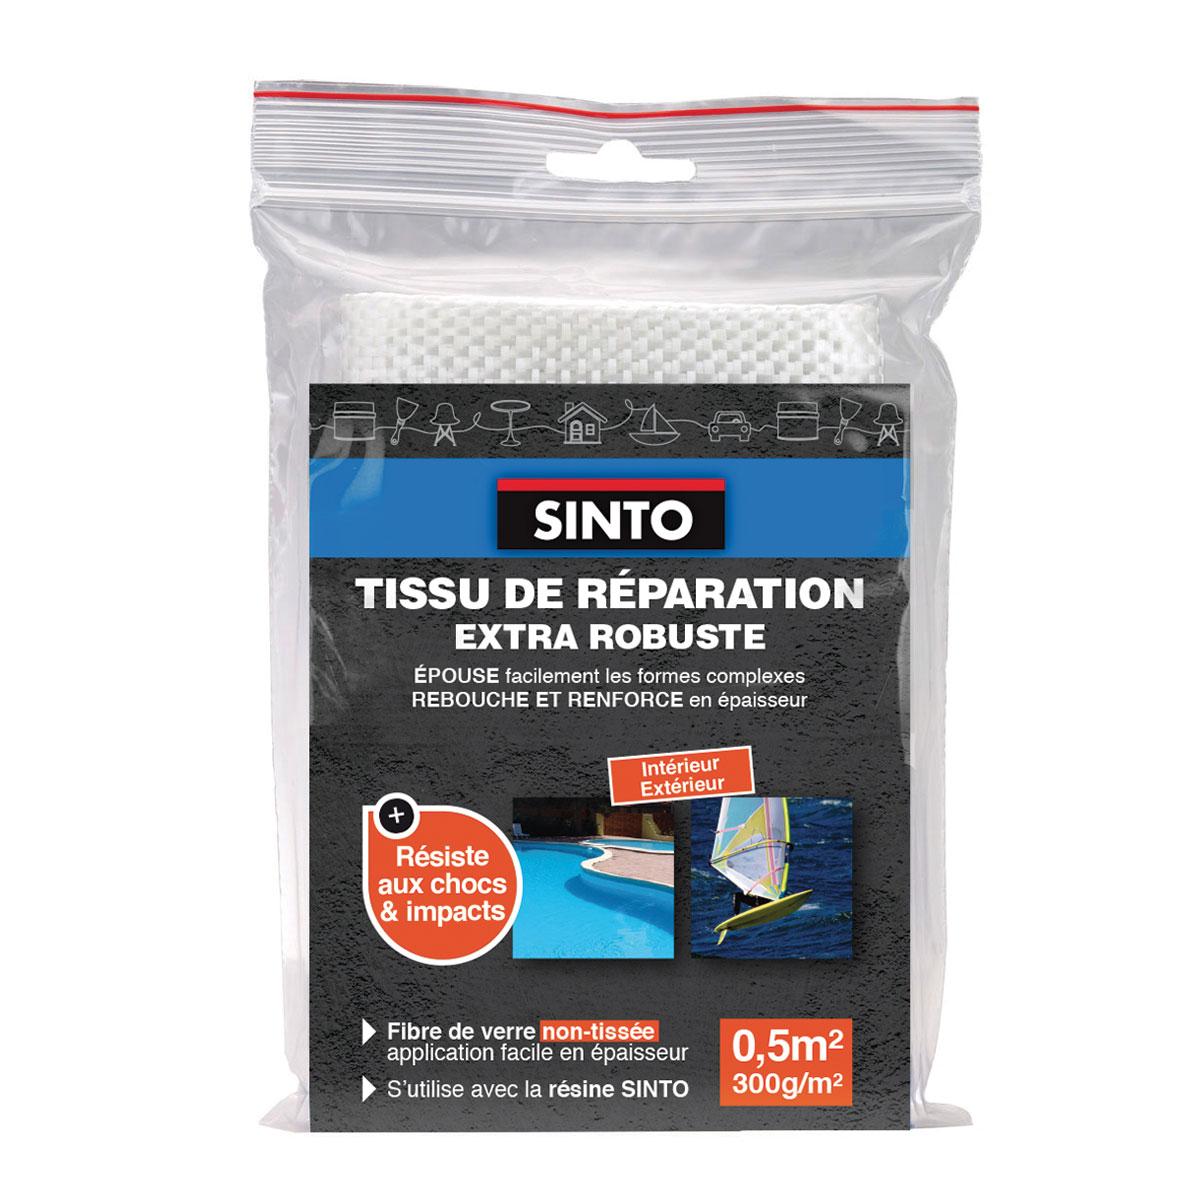 Tissu de r paration extra robuste en fibre de verre non tiss e sinto - Reparation fibre de verre ...